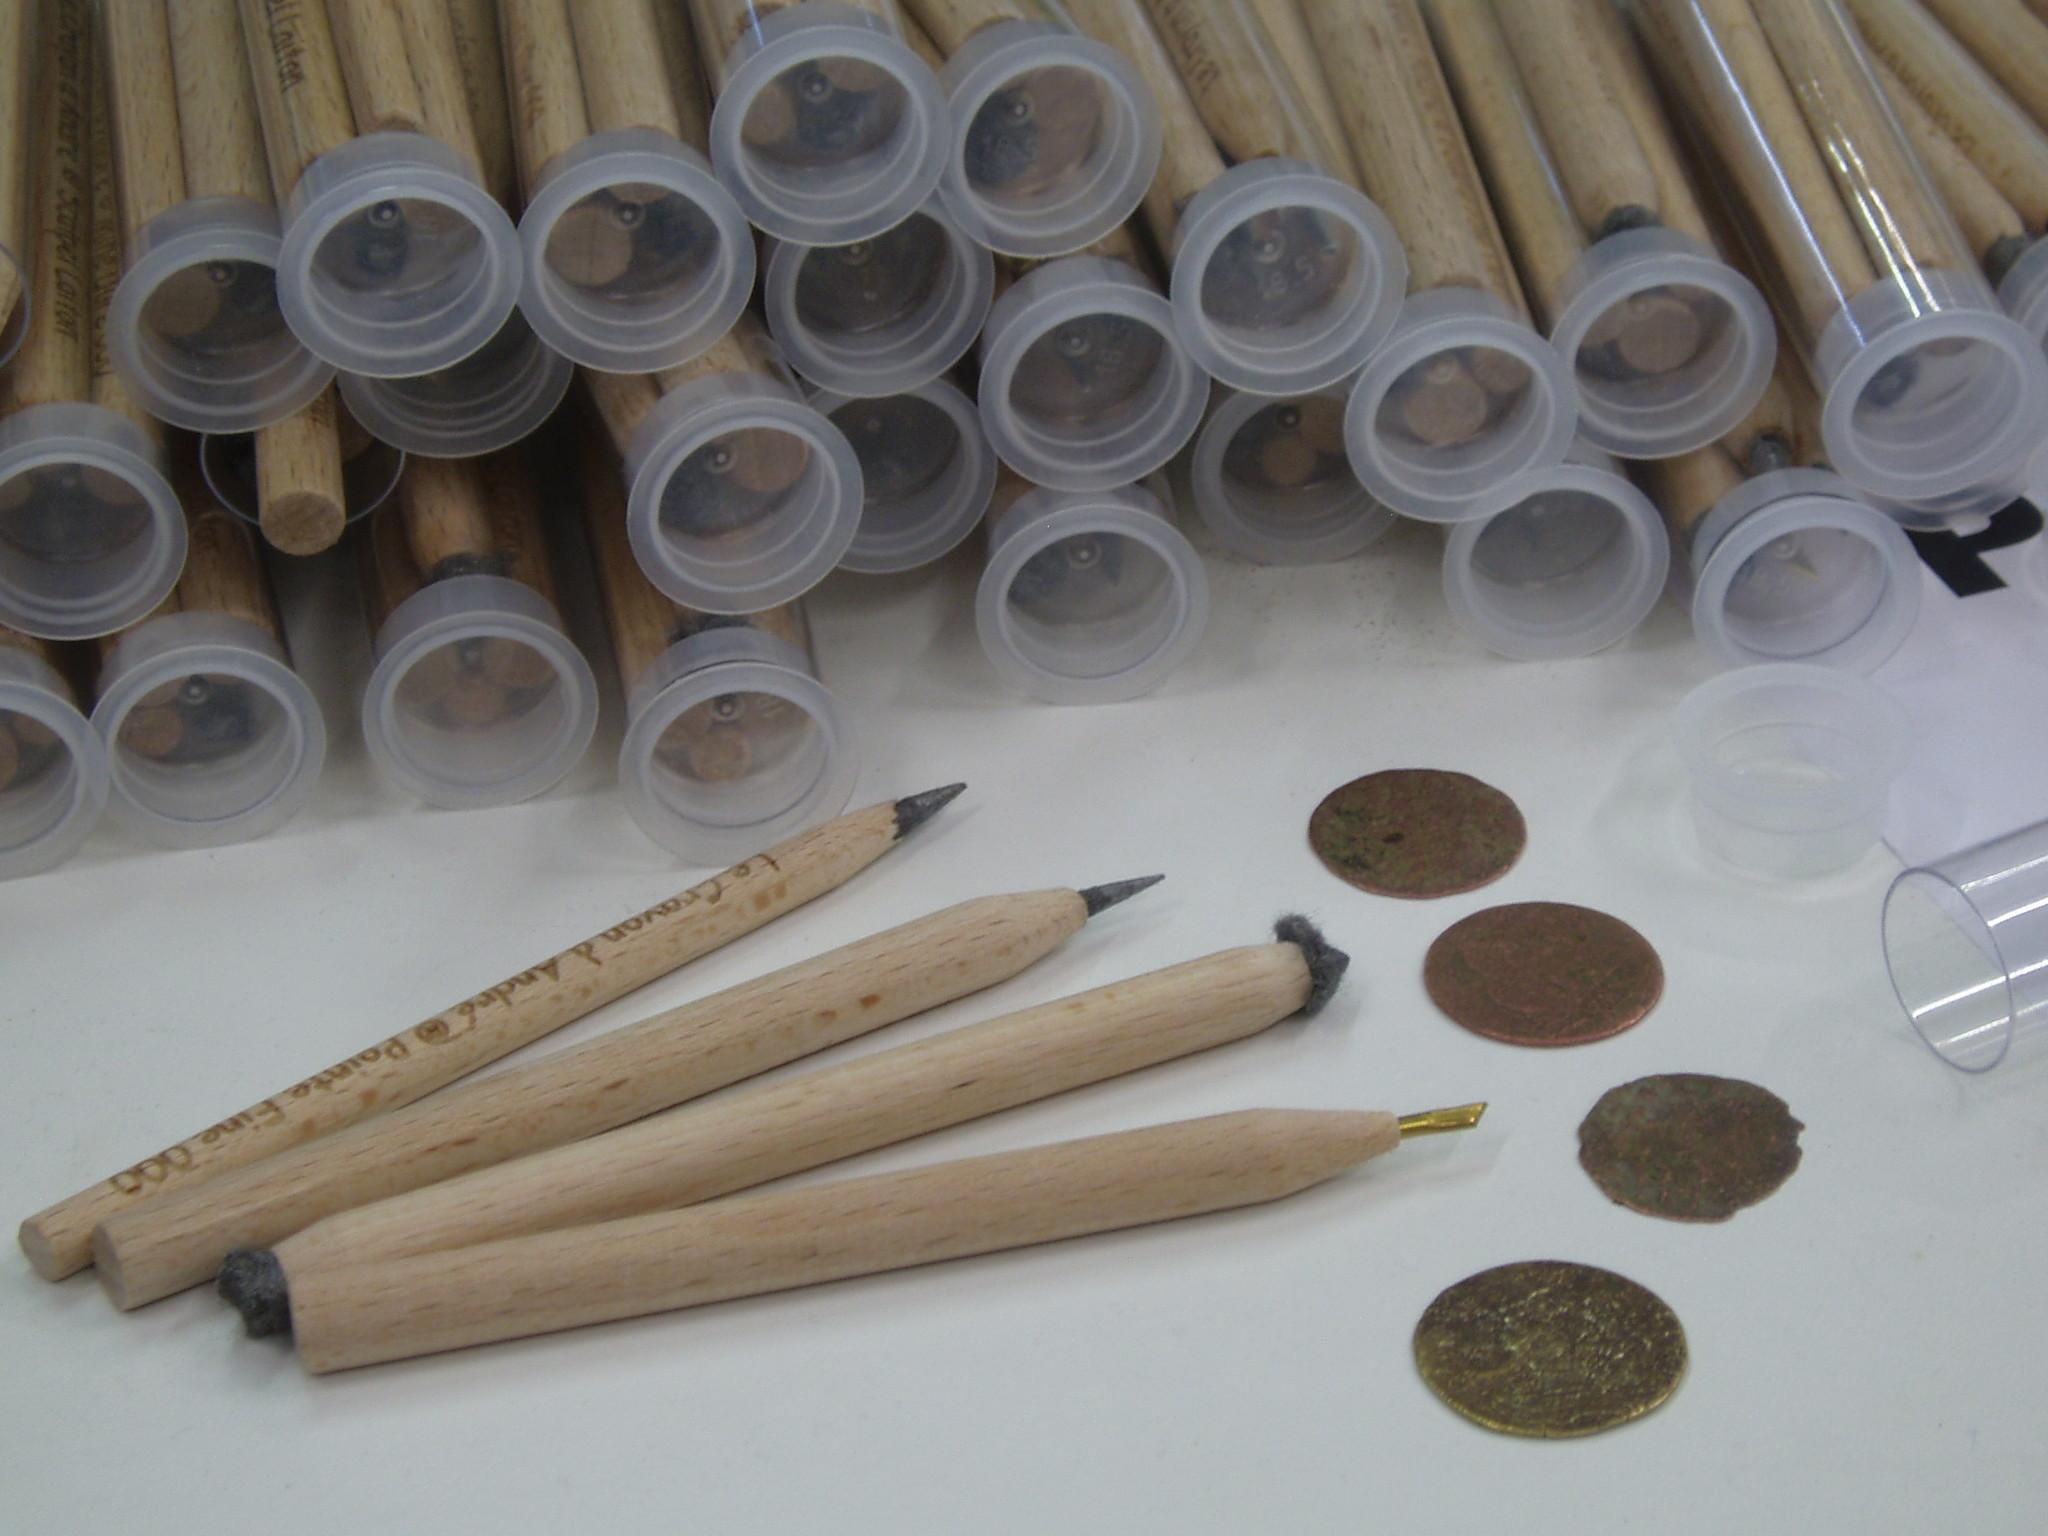 Le Crayon Munten reinigingspotloden